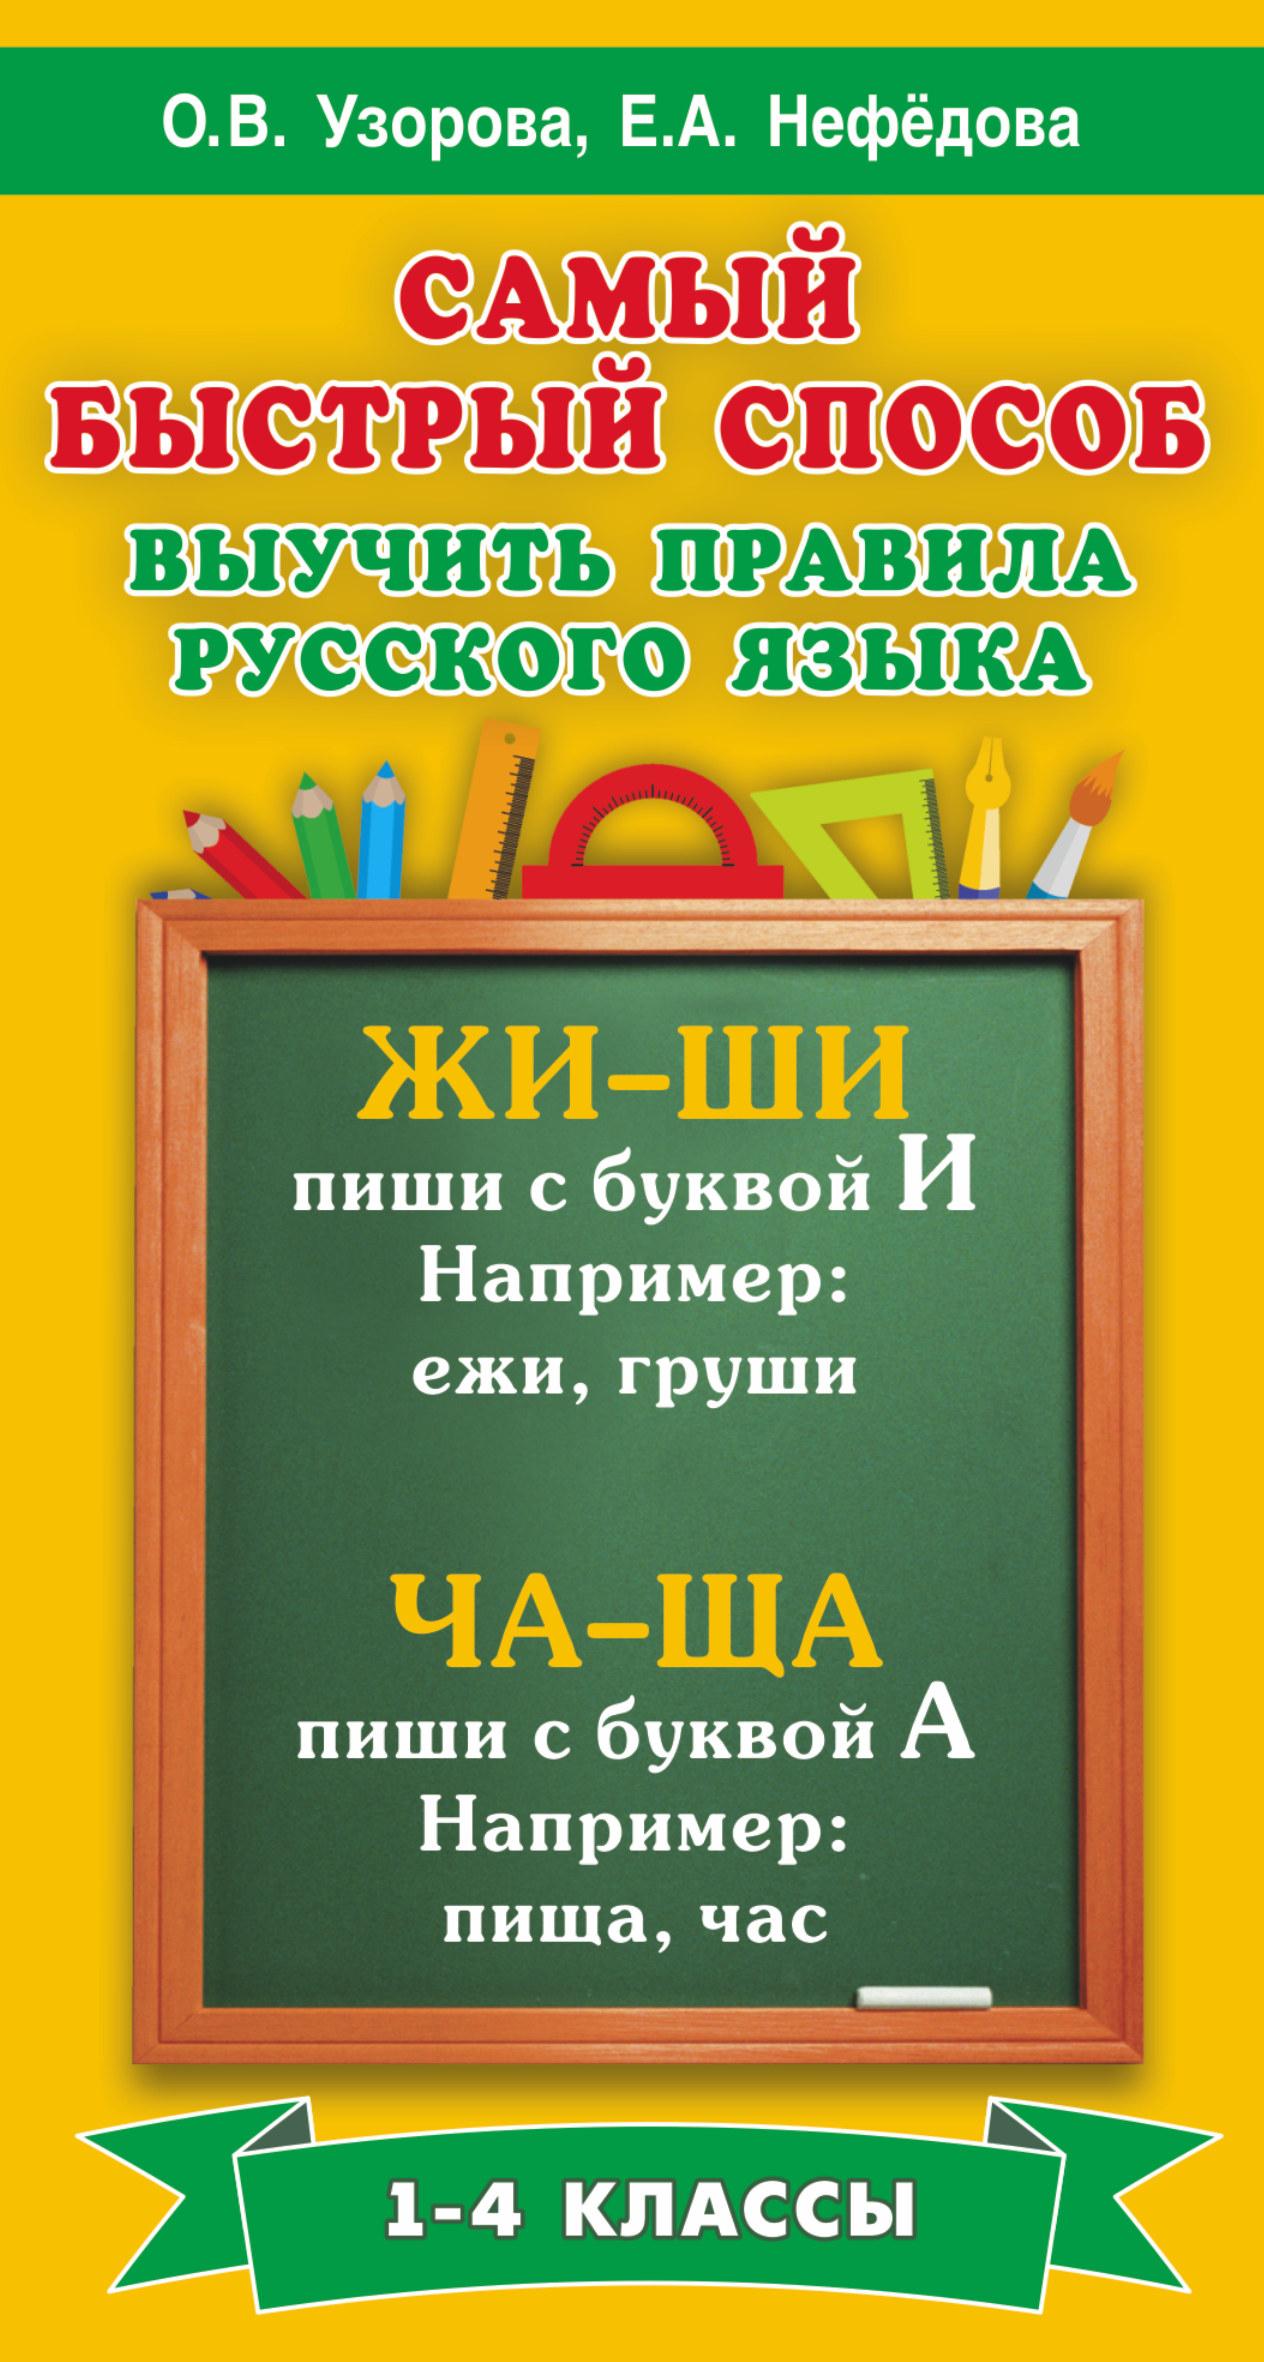 Узорова О.В., Нефёдова Е.А. Самый быстрый способ выучить правила русского языка. 1-4 классы простейший способ выучить все правила русского языка